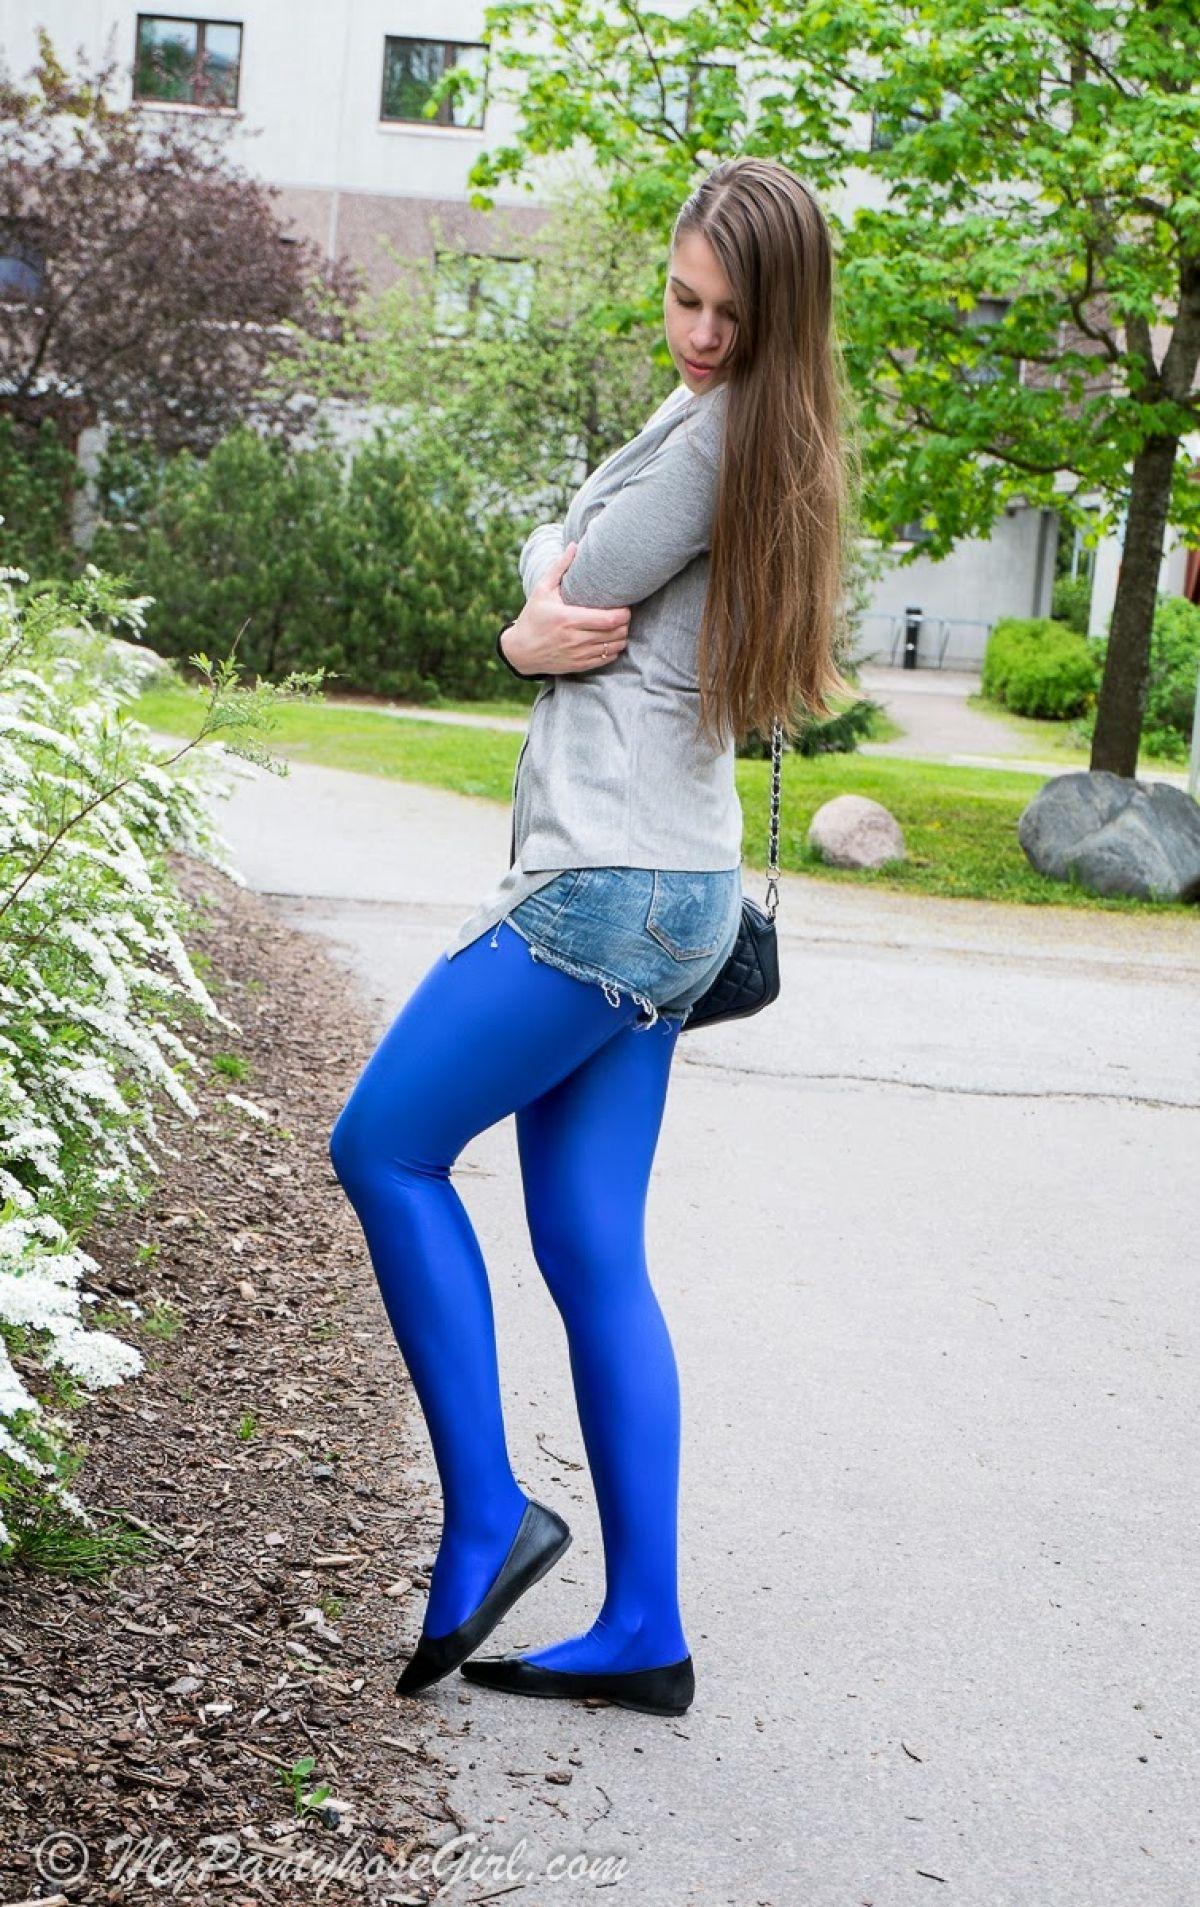 Fetisch Legging in Blau Teen Striptease